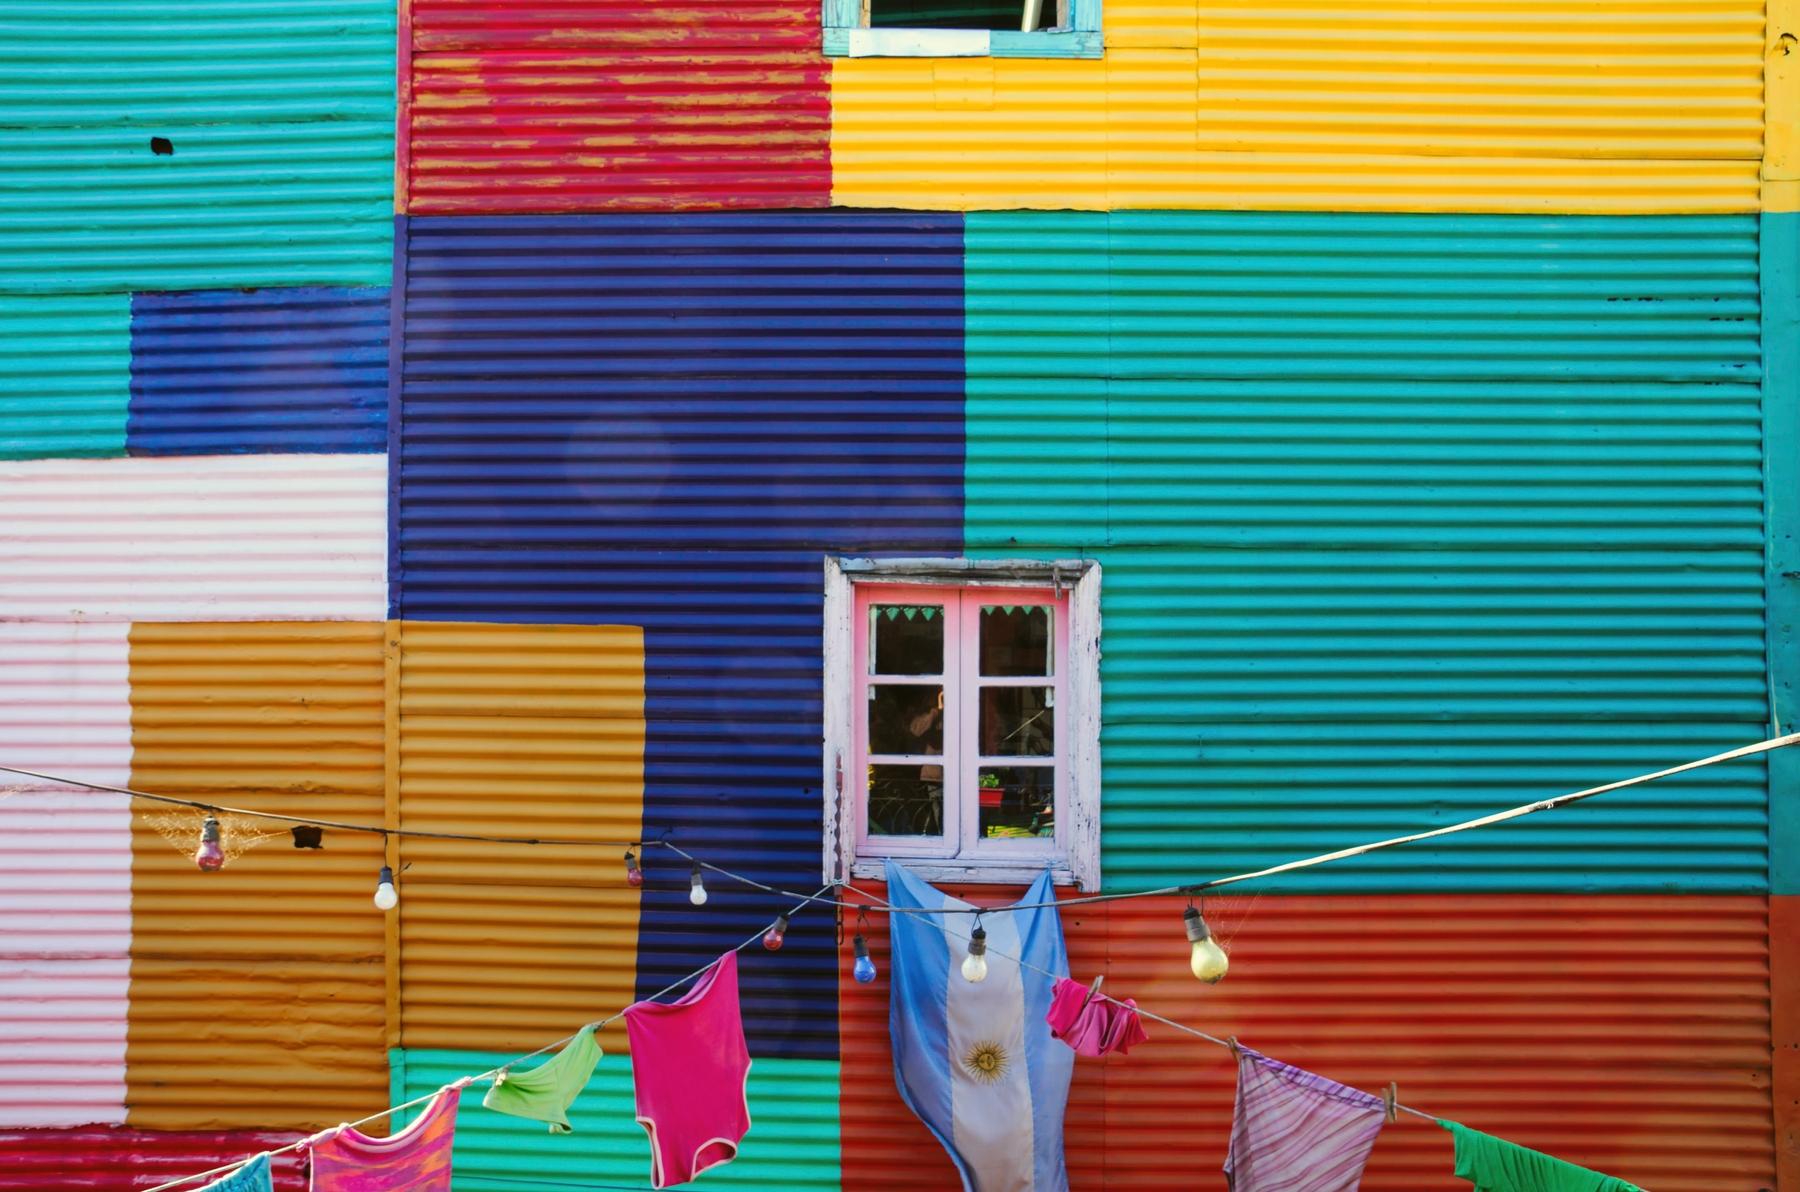 Самые яркие города мира: Буэнос-Айрес, Аргентина